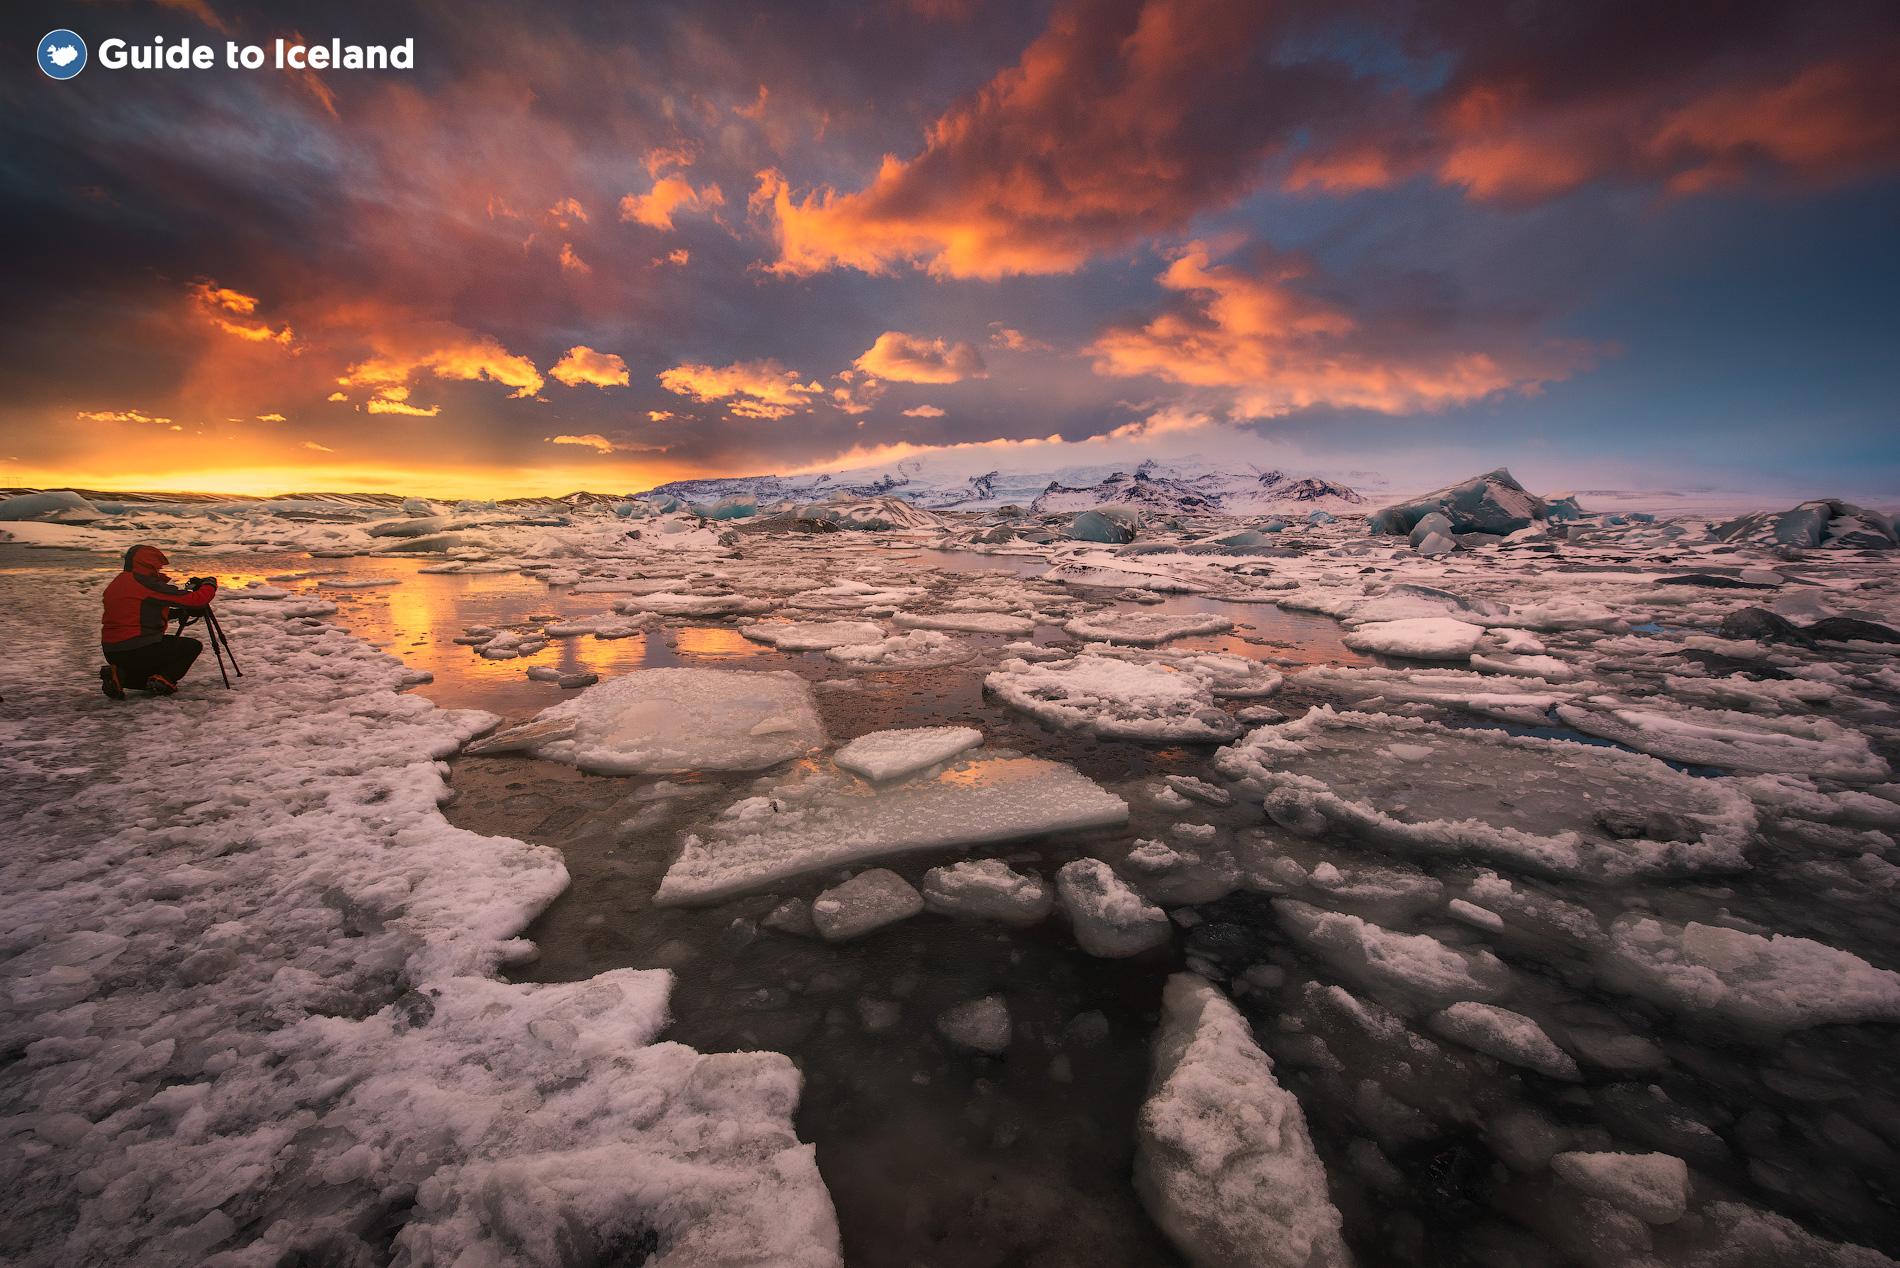 Die wunderschönen Eisberge in der Gletscherlagune Jökulsarlon gleiten ins offene Meer.